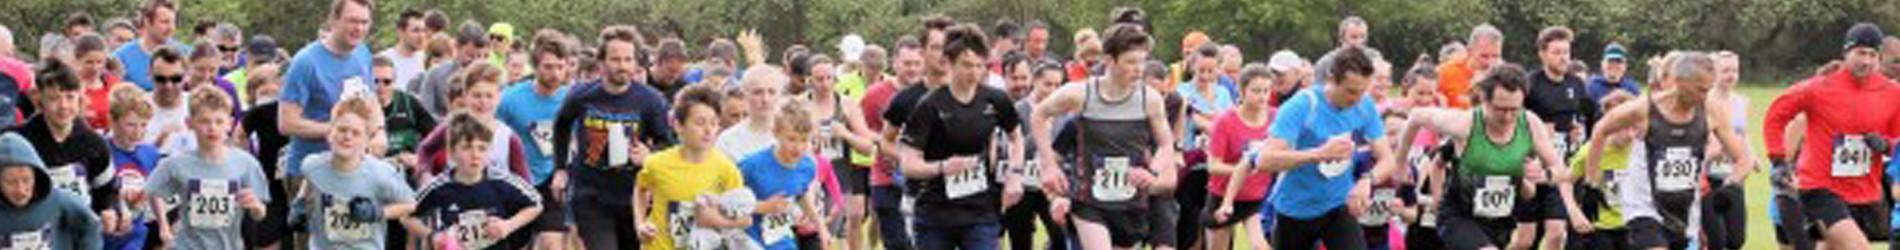 Very Late 2020 Virtual Cottenham 7k Fun Run:  May 1st - 3rd